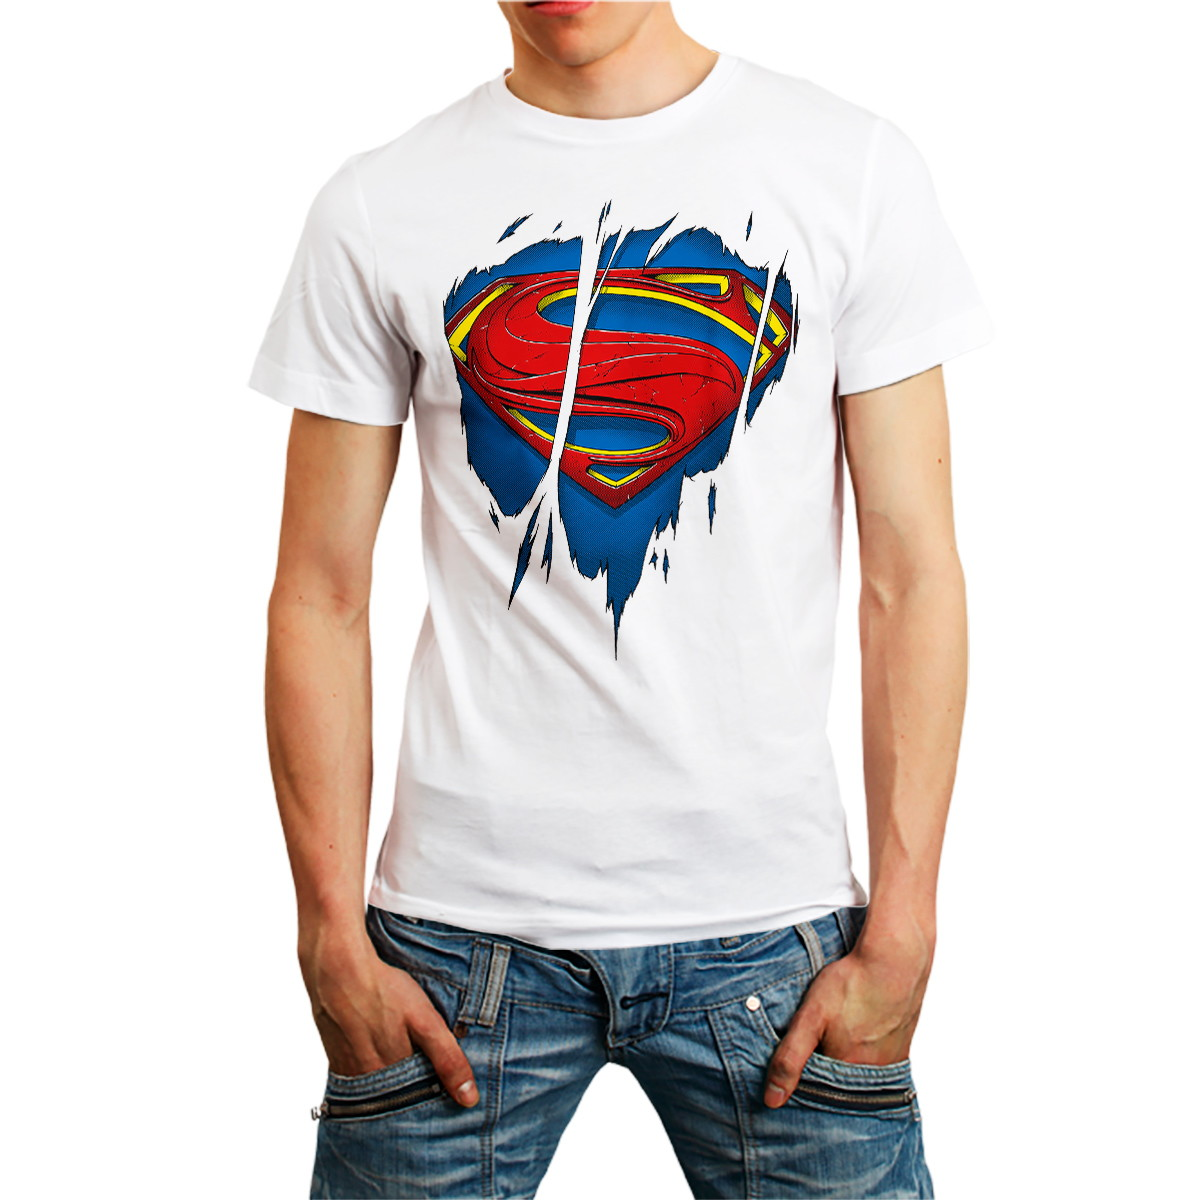 c47a8b6ec Camiseta Superman Marvel HQ Camisa Masculina Branca no Elo7